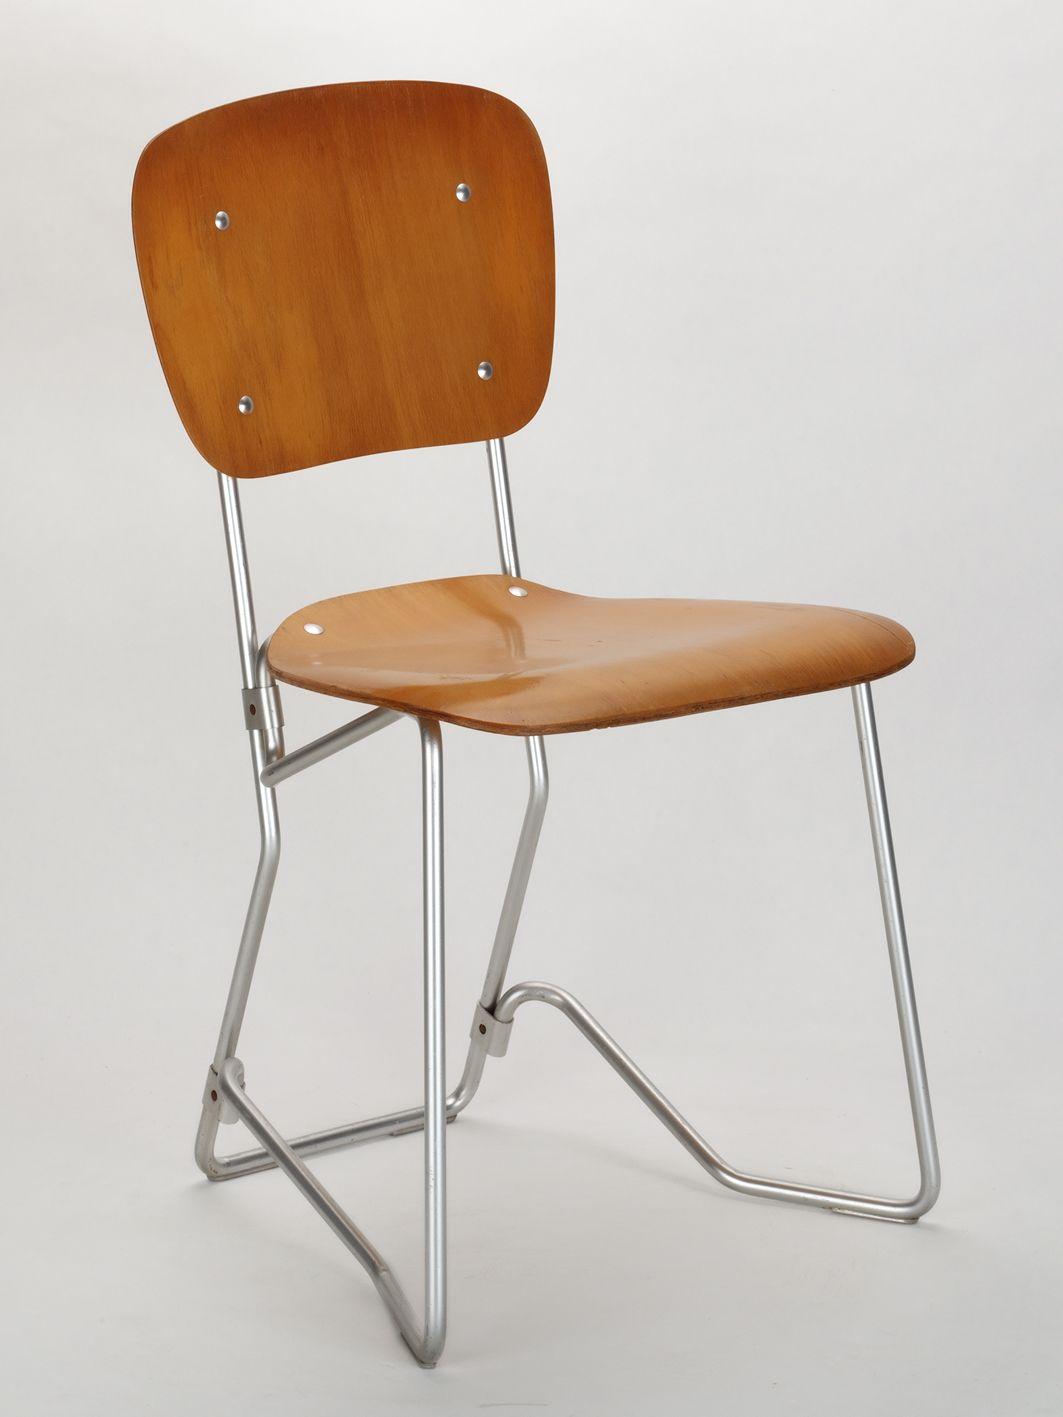 Armin Wirth Aluflexstuhl 1951 Deko Ideen Stuhle Sammlung